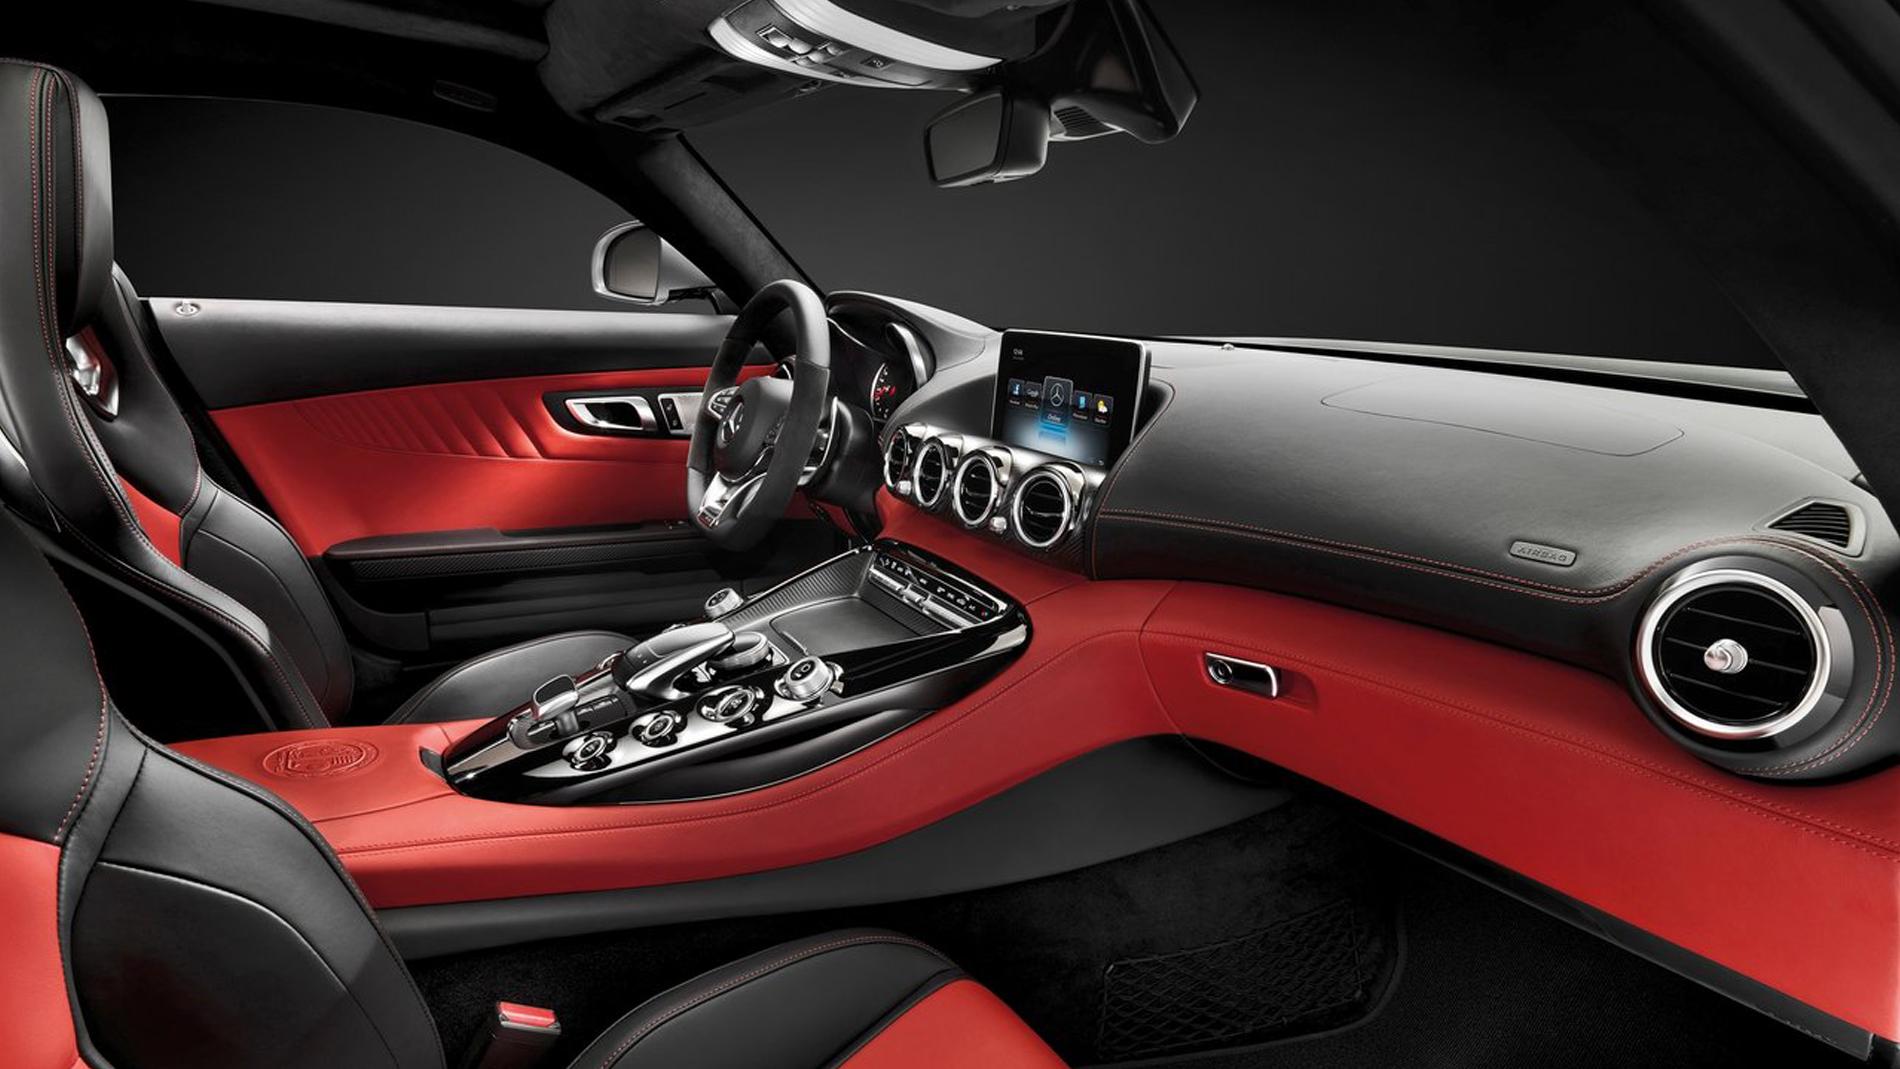 Mercedes-Benz AMG GT Interieur